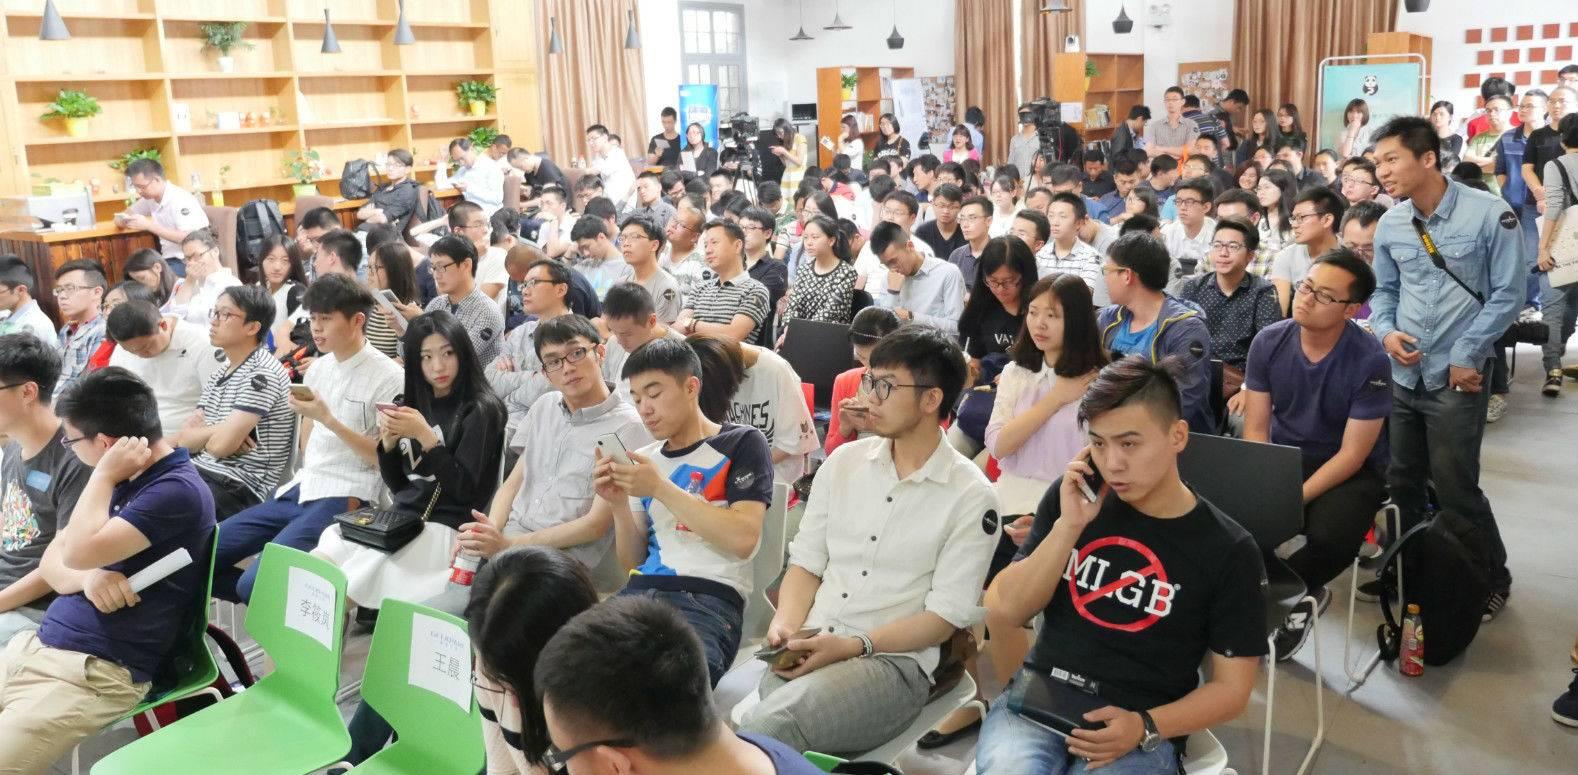 杭州站人很多呢.jpg